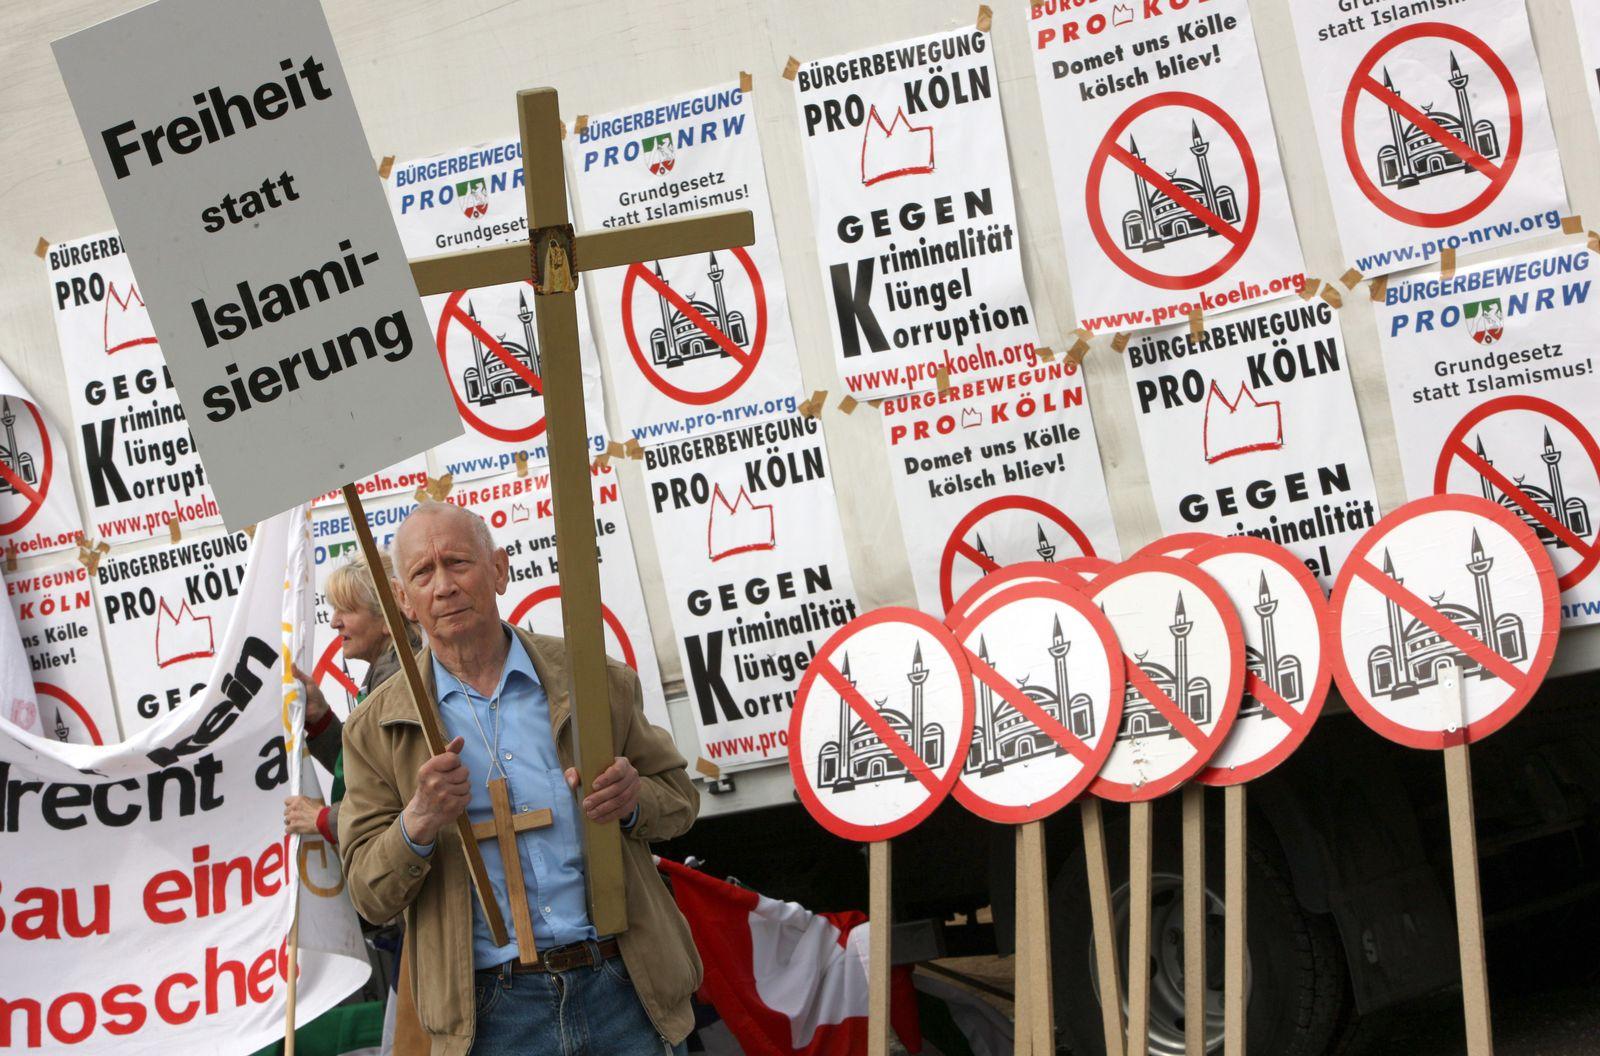 Pro Köln / Demo